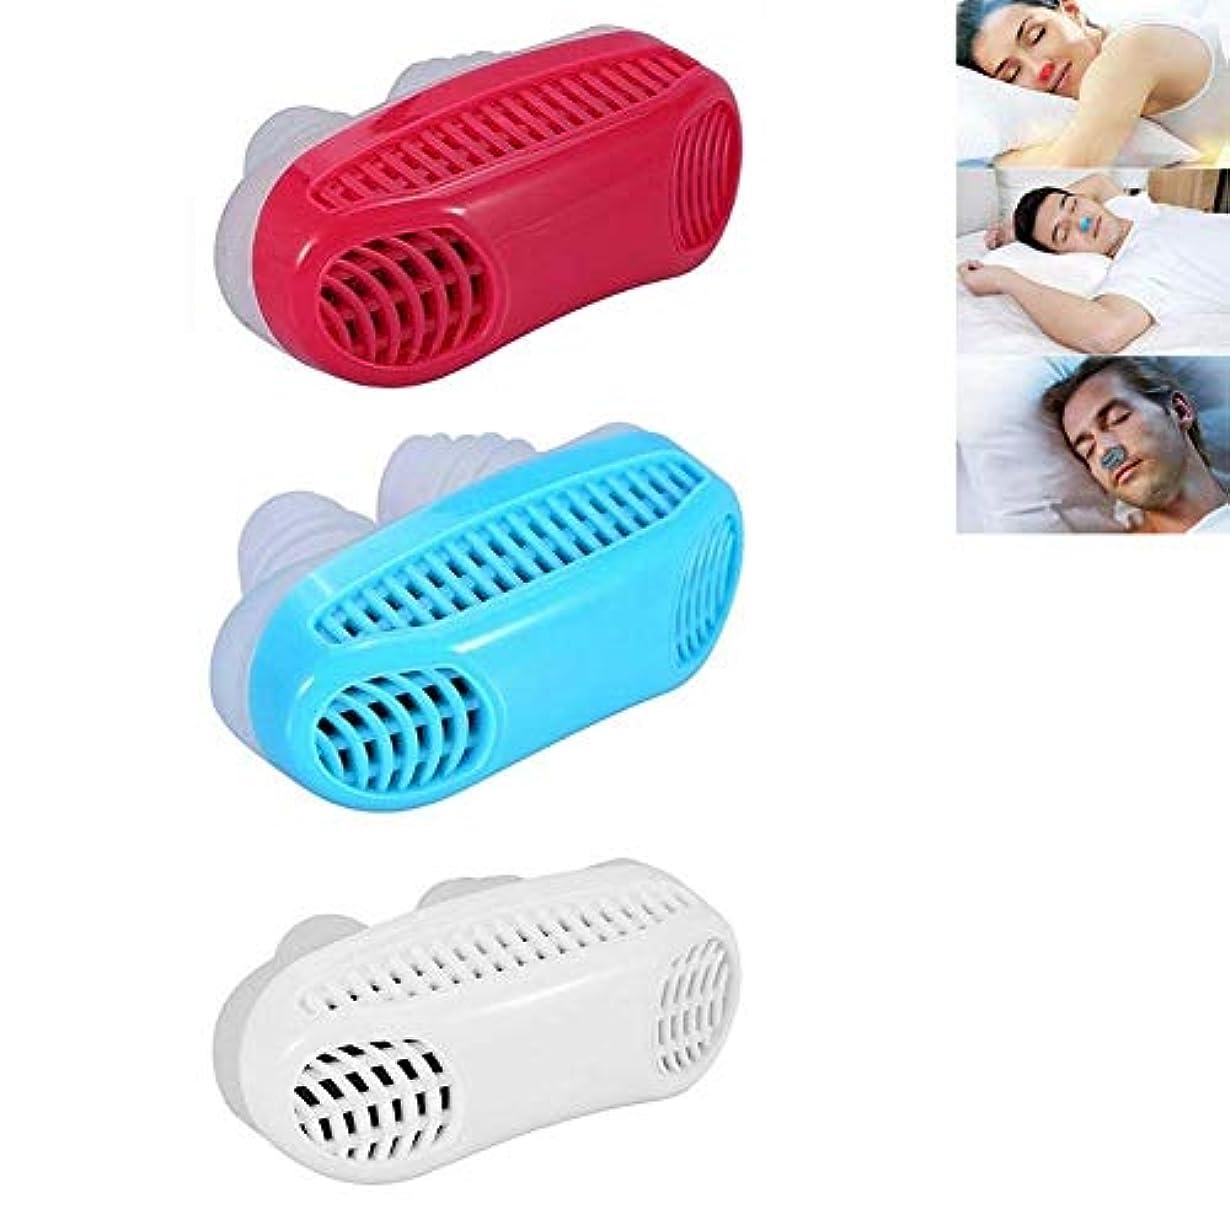 スラッシュ提供されたセッティング3ピース安全ないびきエイズポータブルシリコーン抗いびき空気清浄機鼻いびきストップクリップ2-in-1健康睡眠ツール